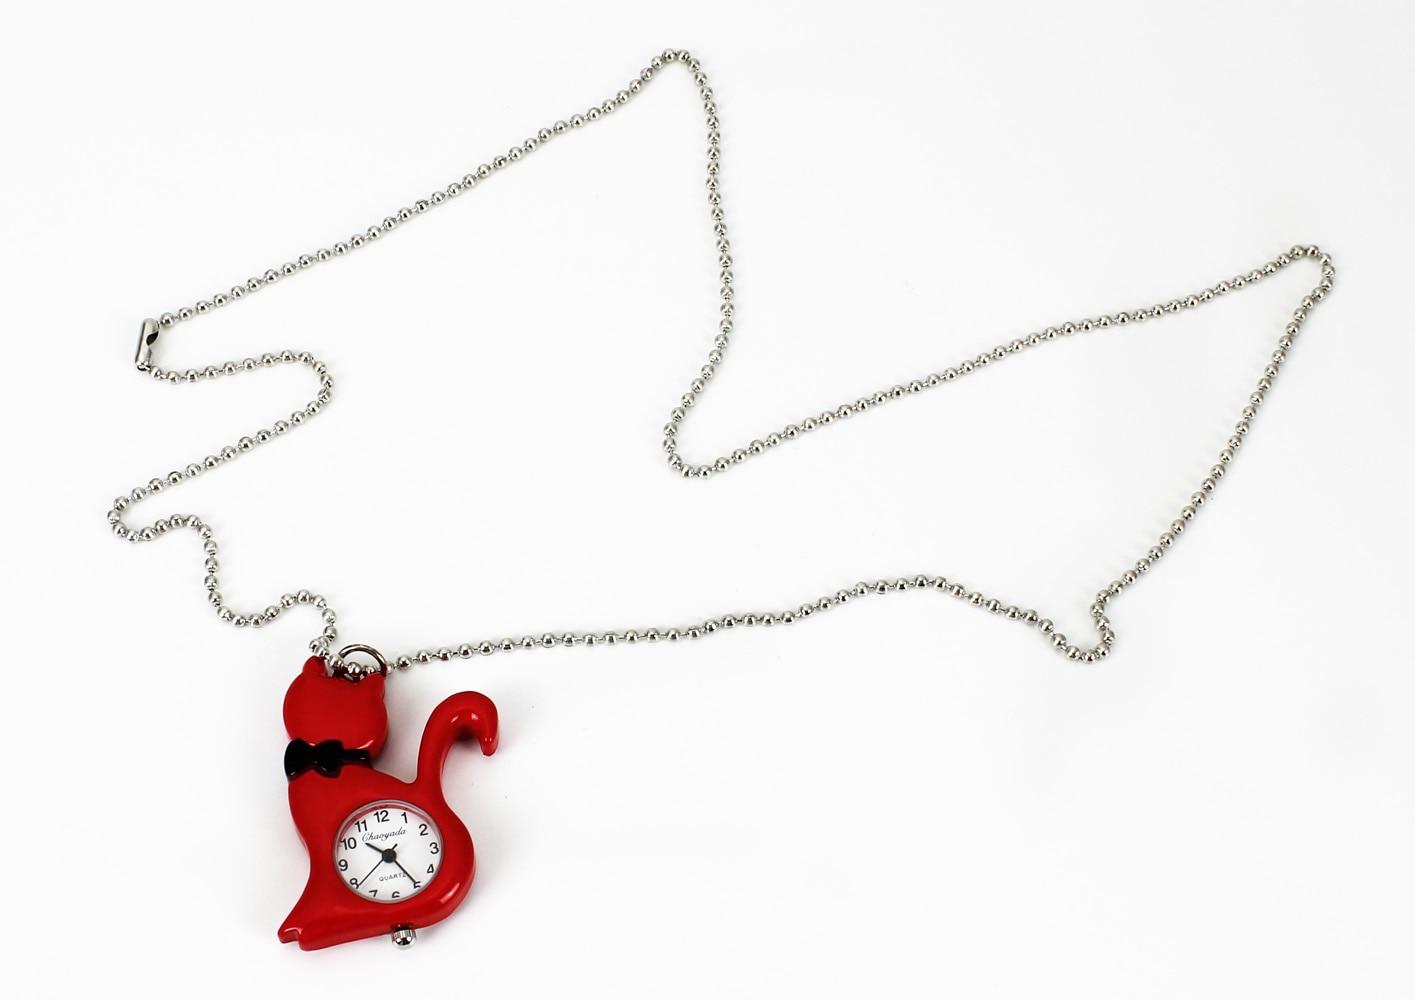 Nieuwe mode vrouwen kat ketting horloges steampunk hanger zak charme - Zakhorloge - Foto 5